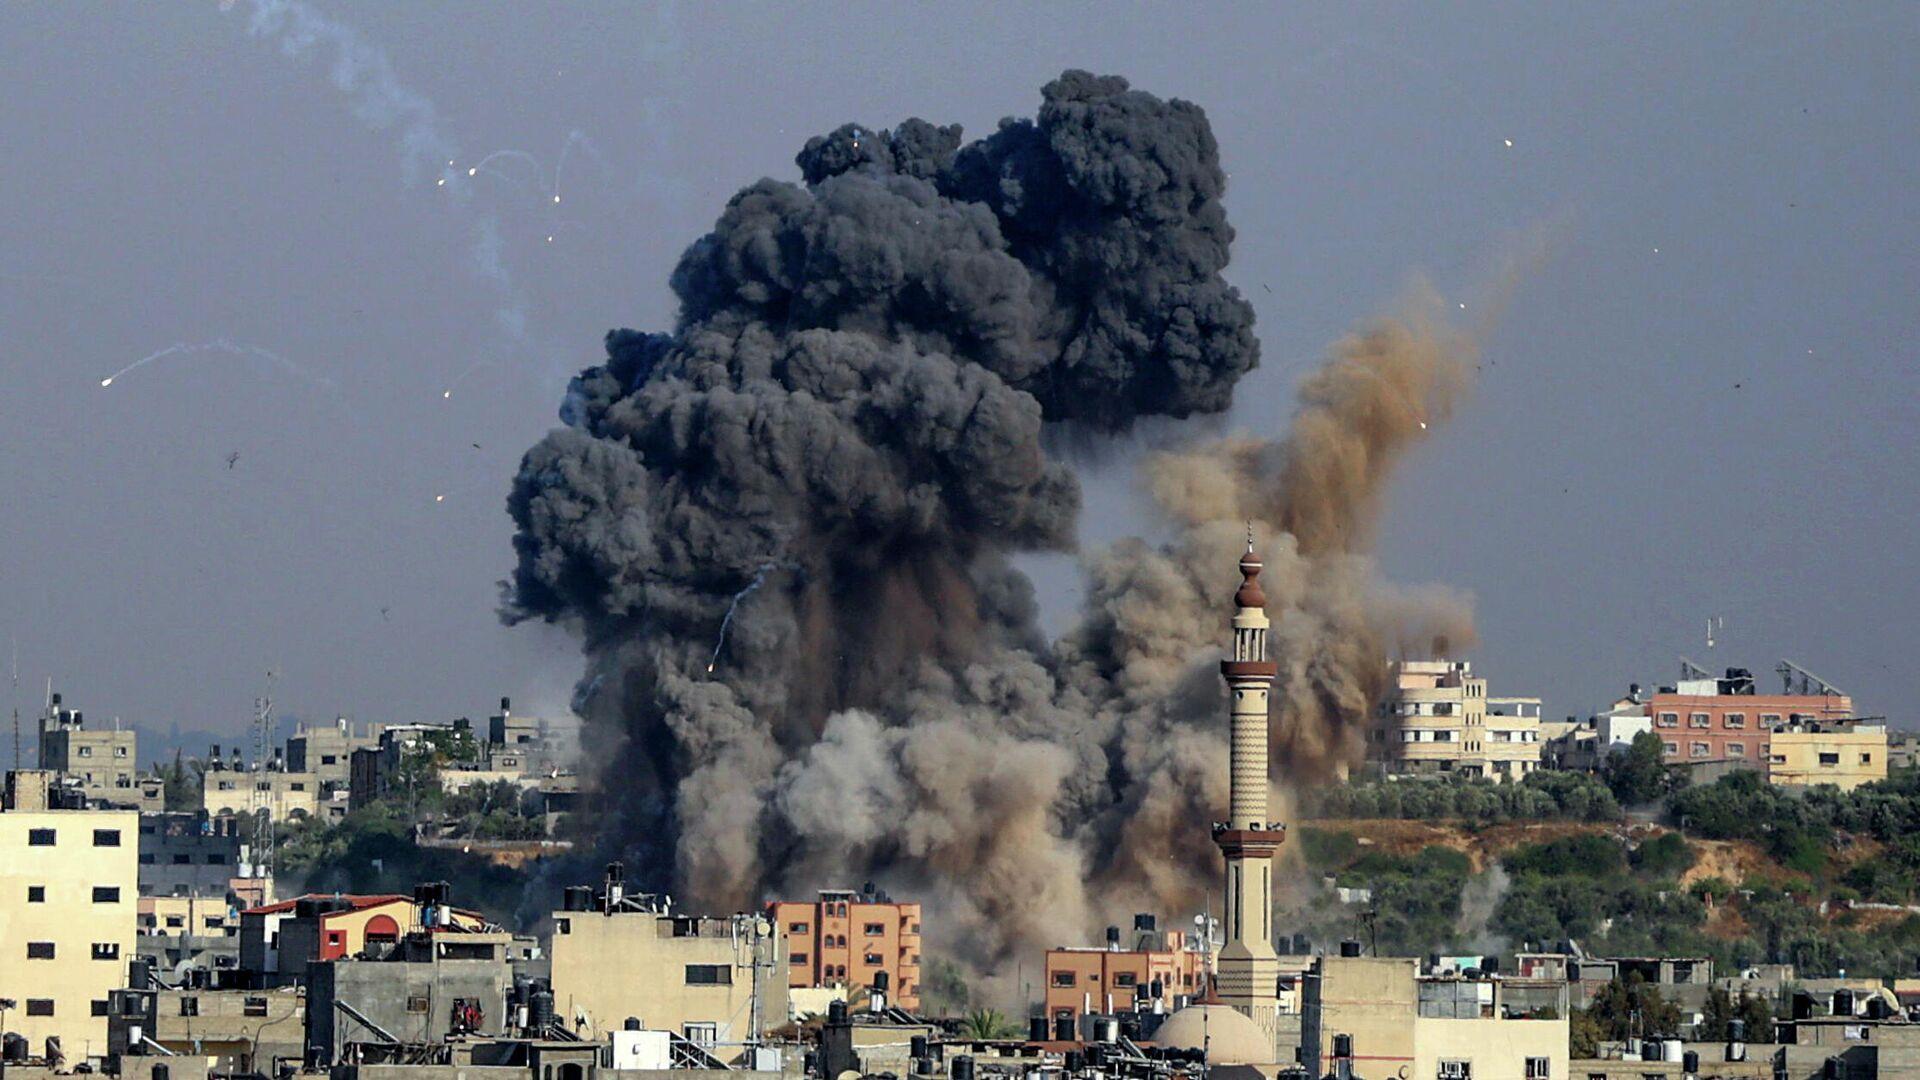 Авиаудар, нанесенный Израилем по объекту движения ХАМАС в секторе Газа. 11 мая 2021  - РИА Новости, 1920, 12.05.2021